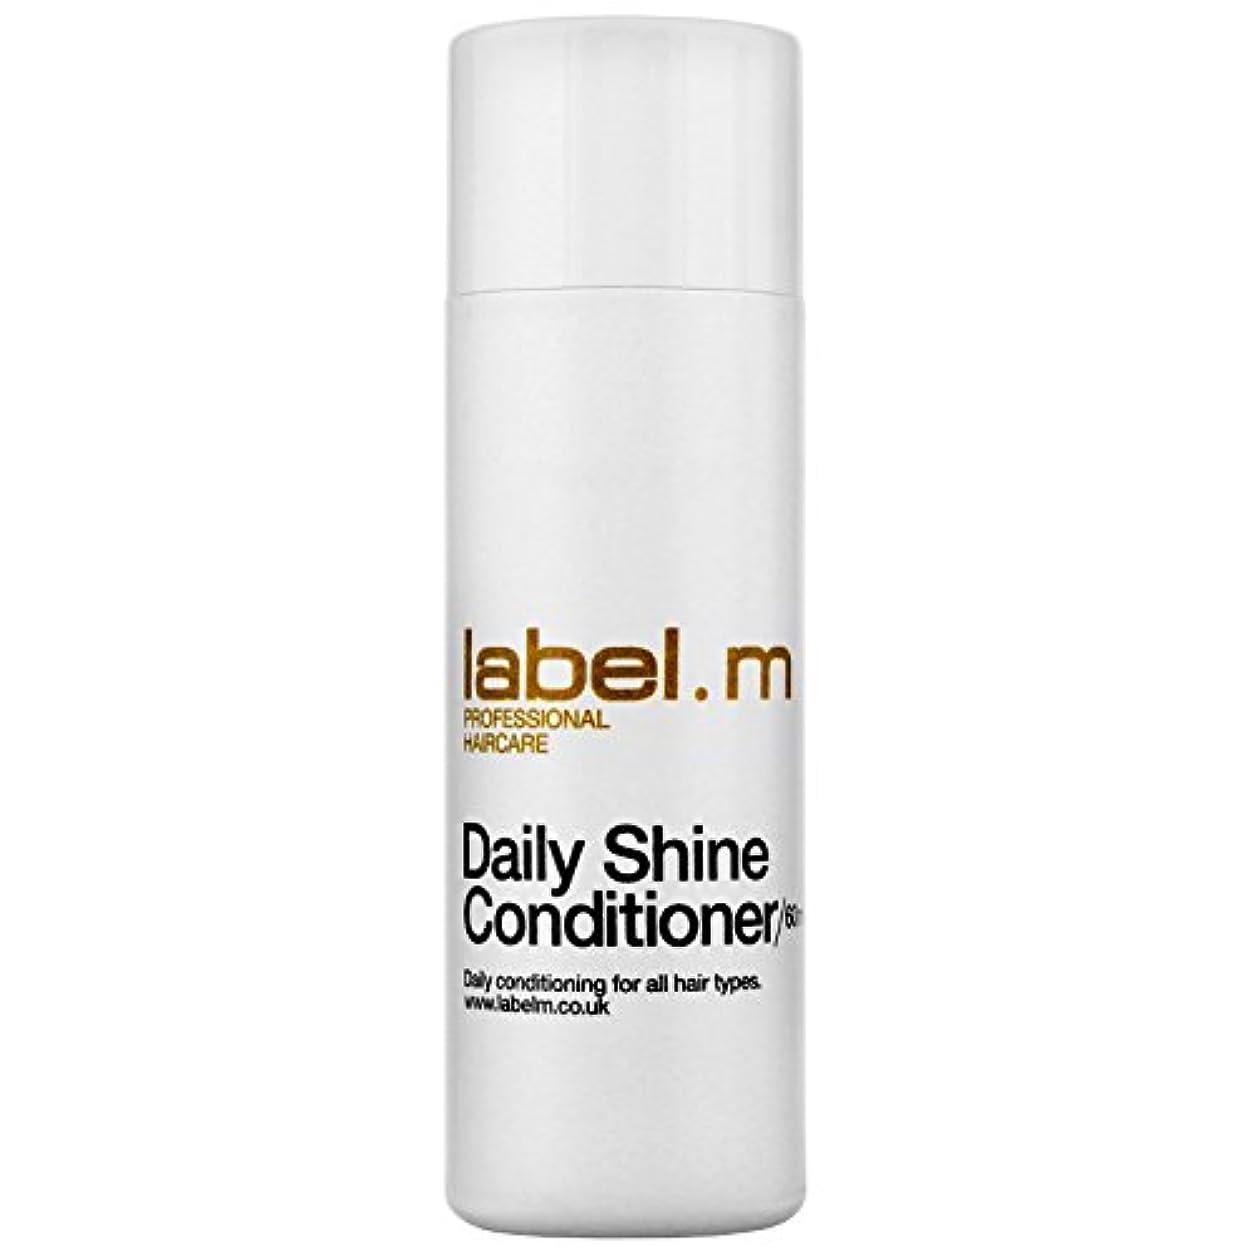 作者揃える尋ねるLabel.M Professional Haircare ラベルMデイリーシャインコンディショナー60ミリリットルによって条件